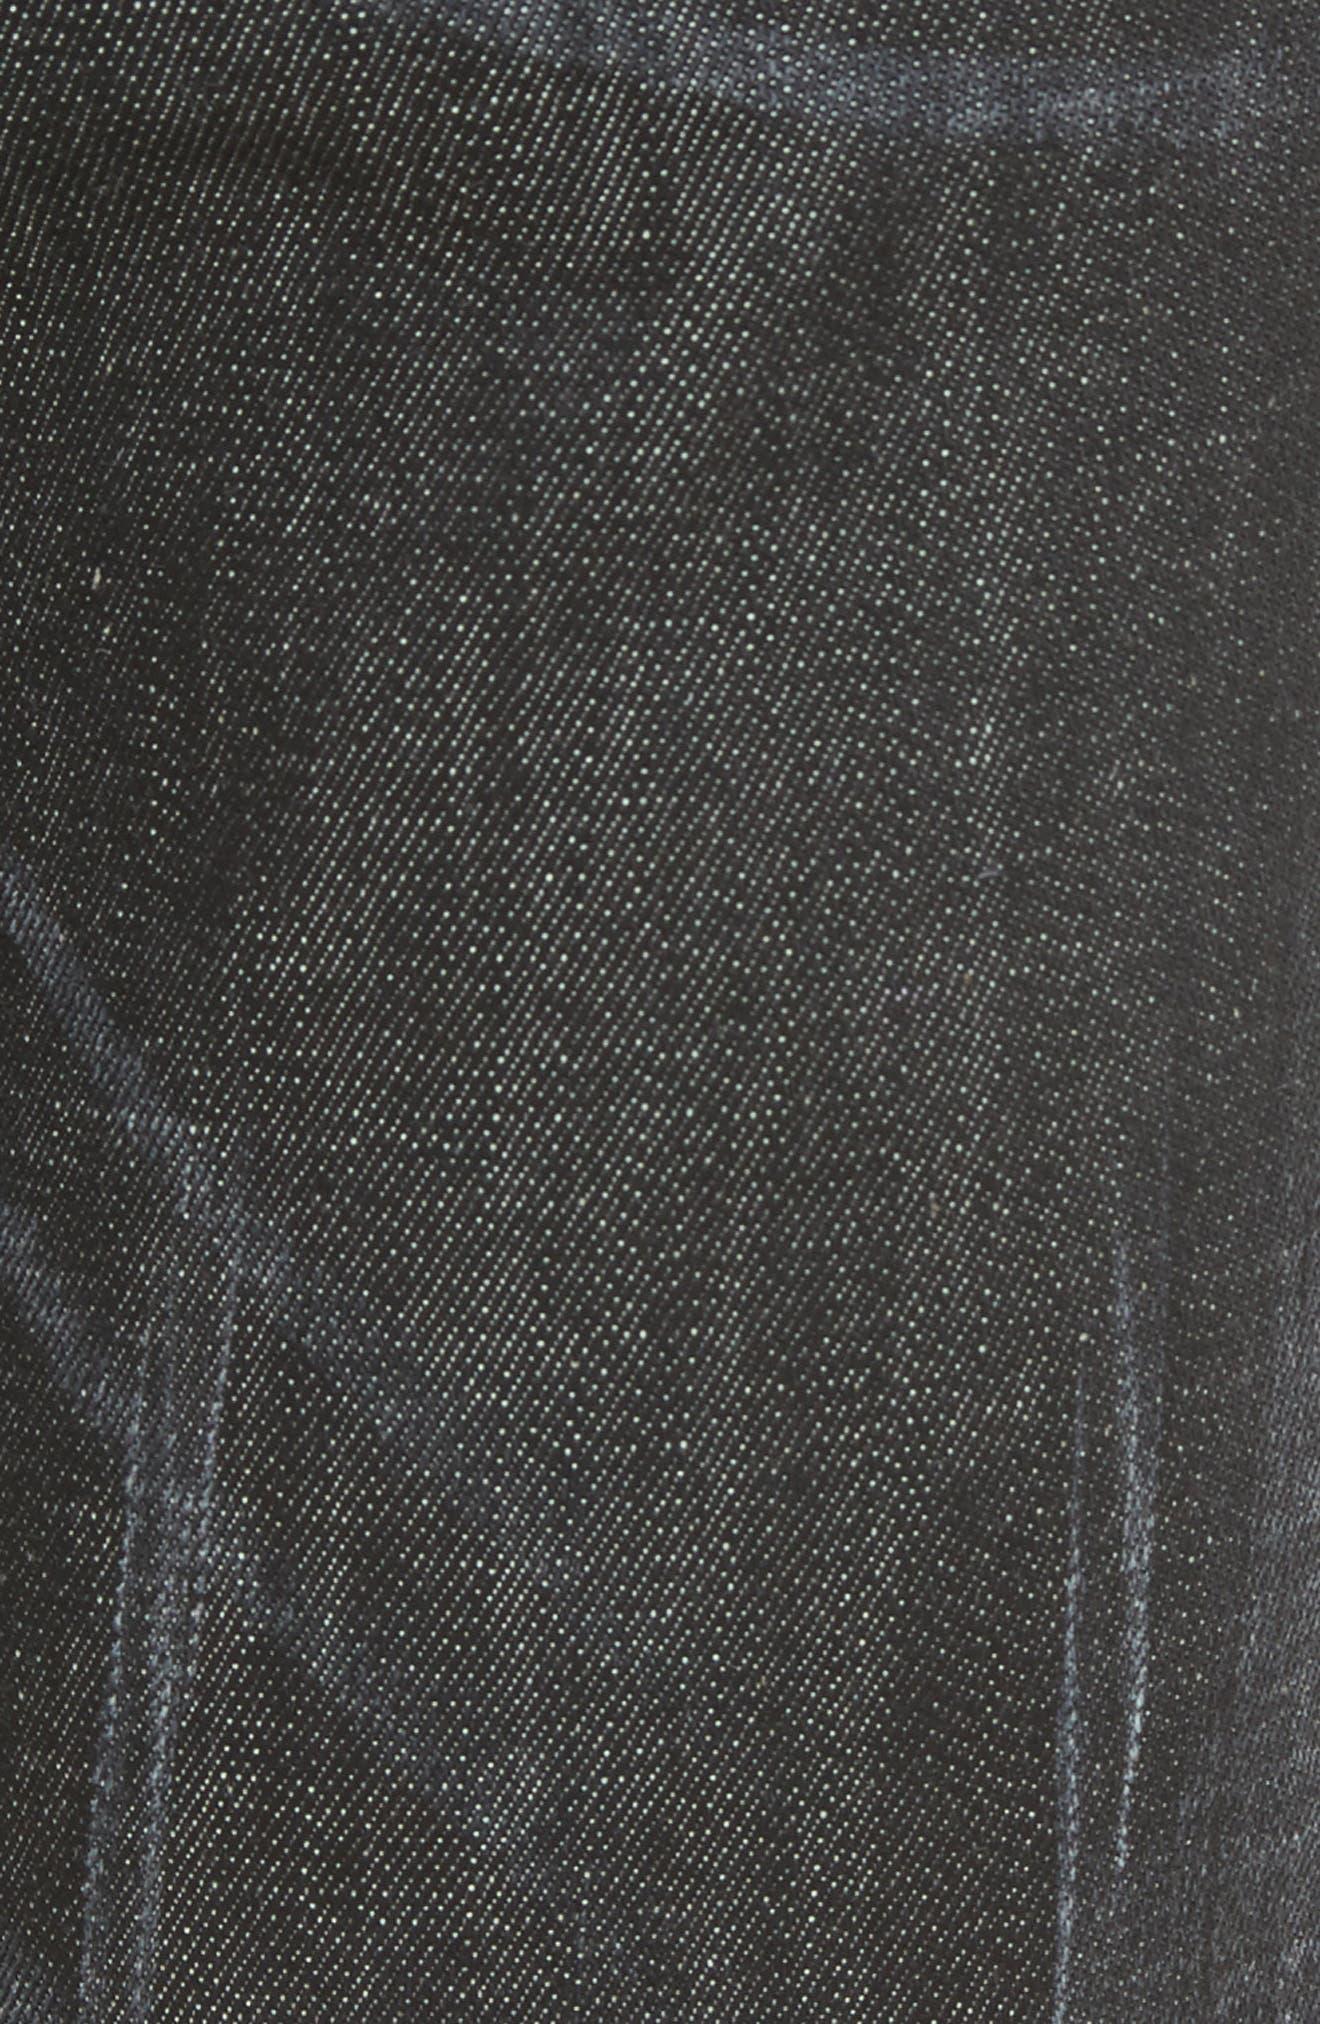 Blue Simplice City Biker Jeans,                             Alternate thumbnail 5, color,